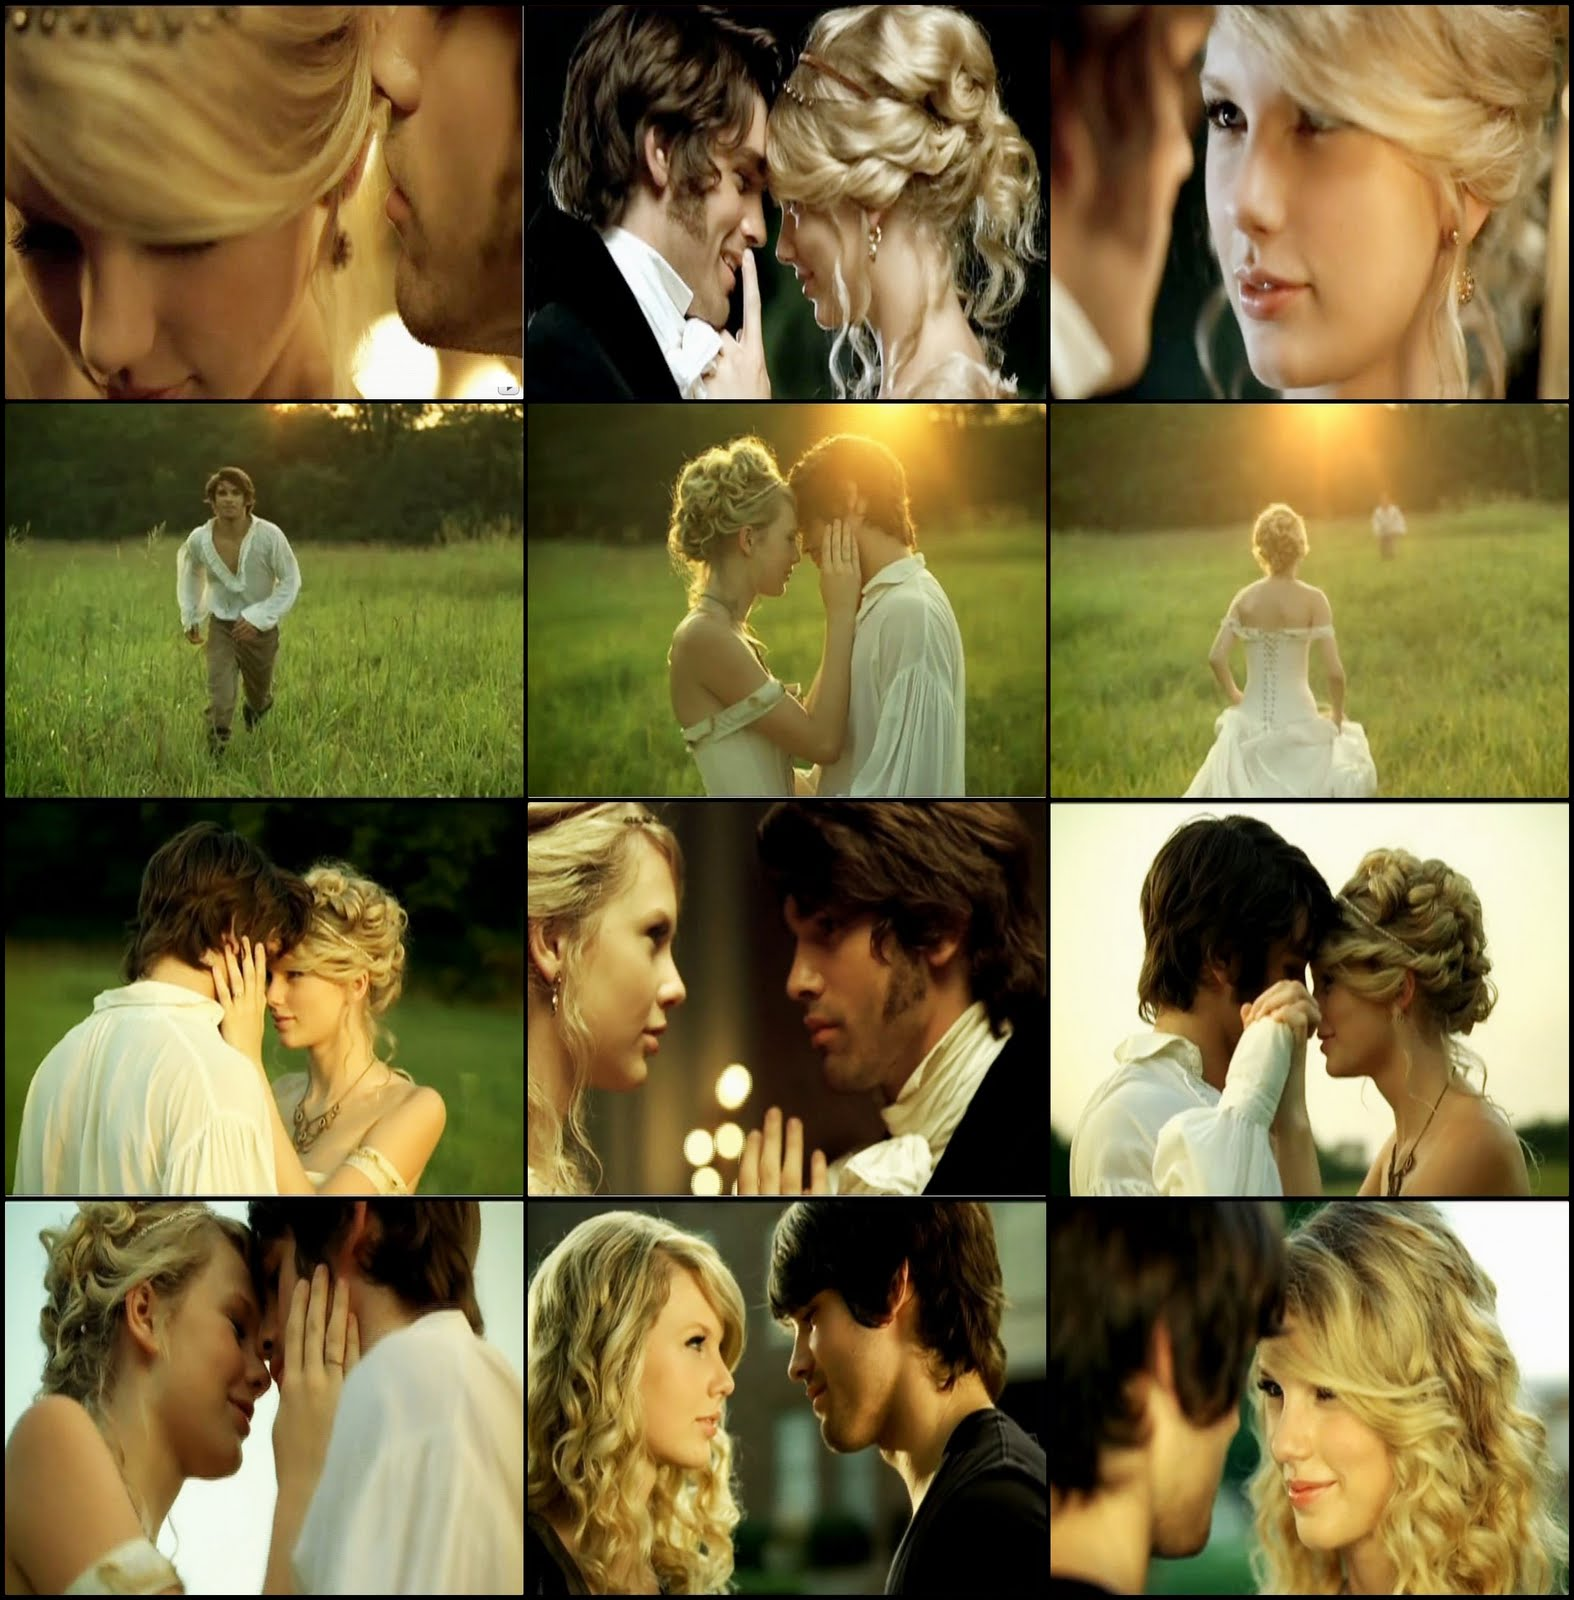 http://2.bp.blogspot.com/-TI-YBi3F1y8/Ttq3py4y2uI/AAAAAAAABPk/BaQE4Tf76u8/s1600/Love_Story_Taylor_Swift_by_PaleScarlet.jpg